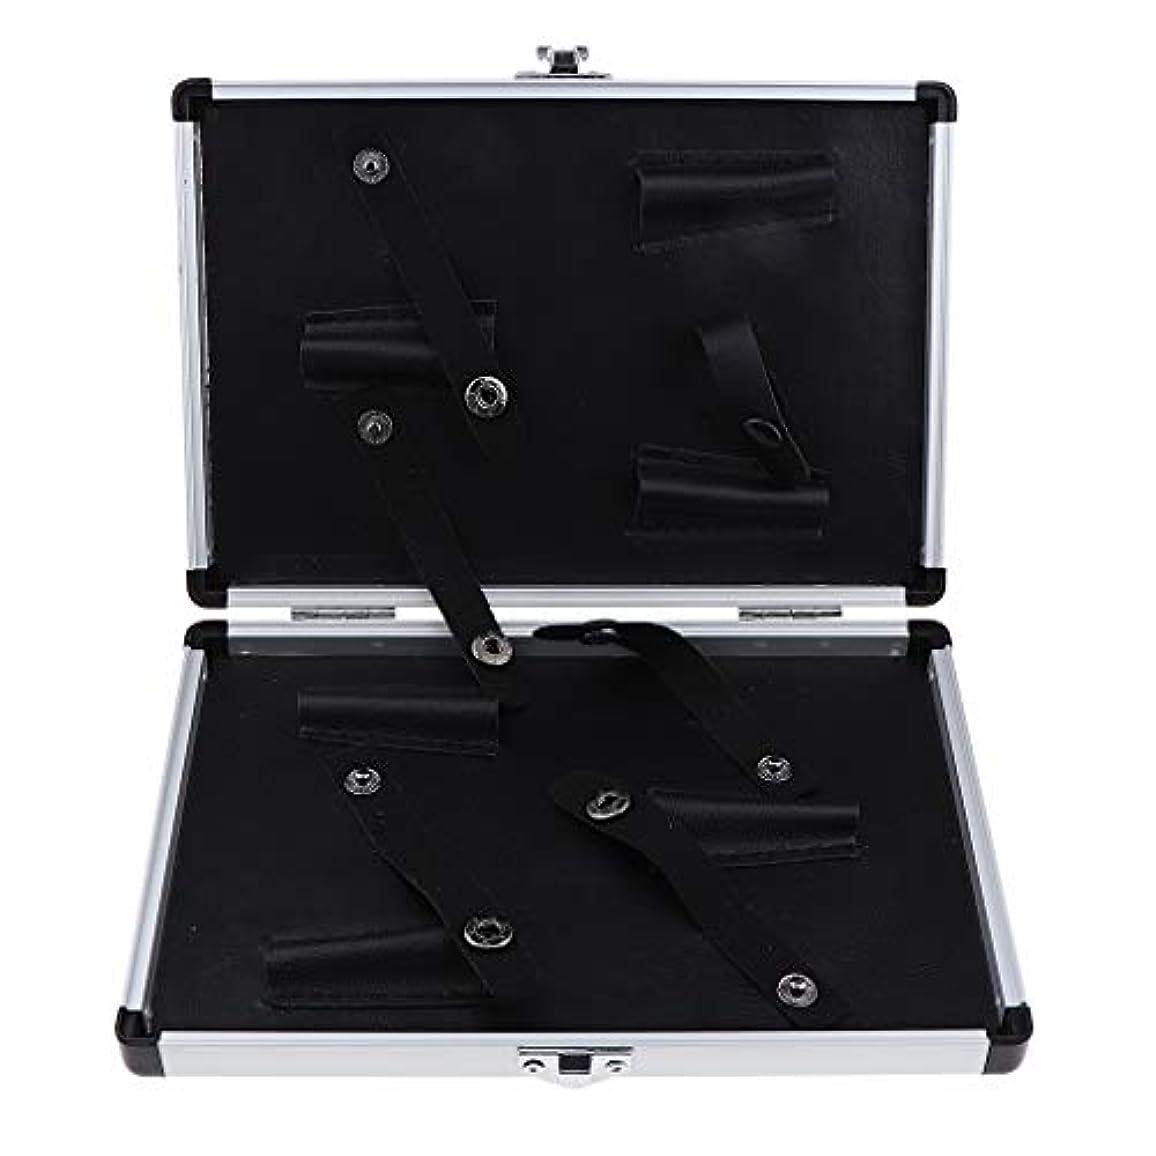 非難器用あなたのものCUTICATE シザーケース 美容師 はさみ 収納ケース キャリーケース オーガナイザー 2サイズ選べ - 22x15.5x3 cm